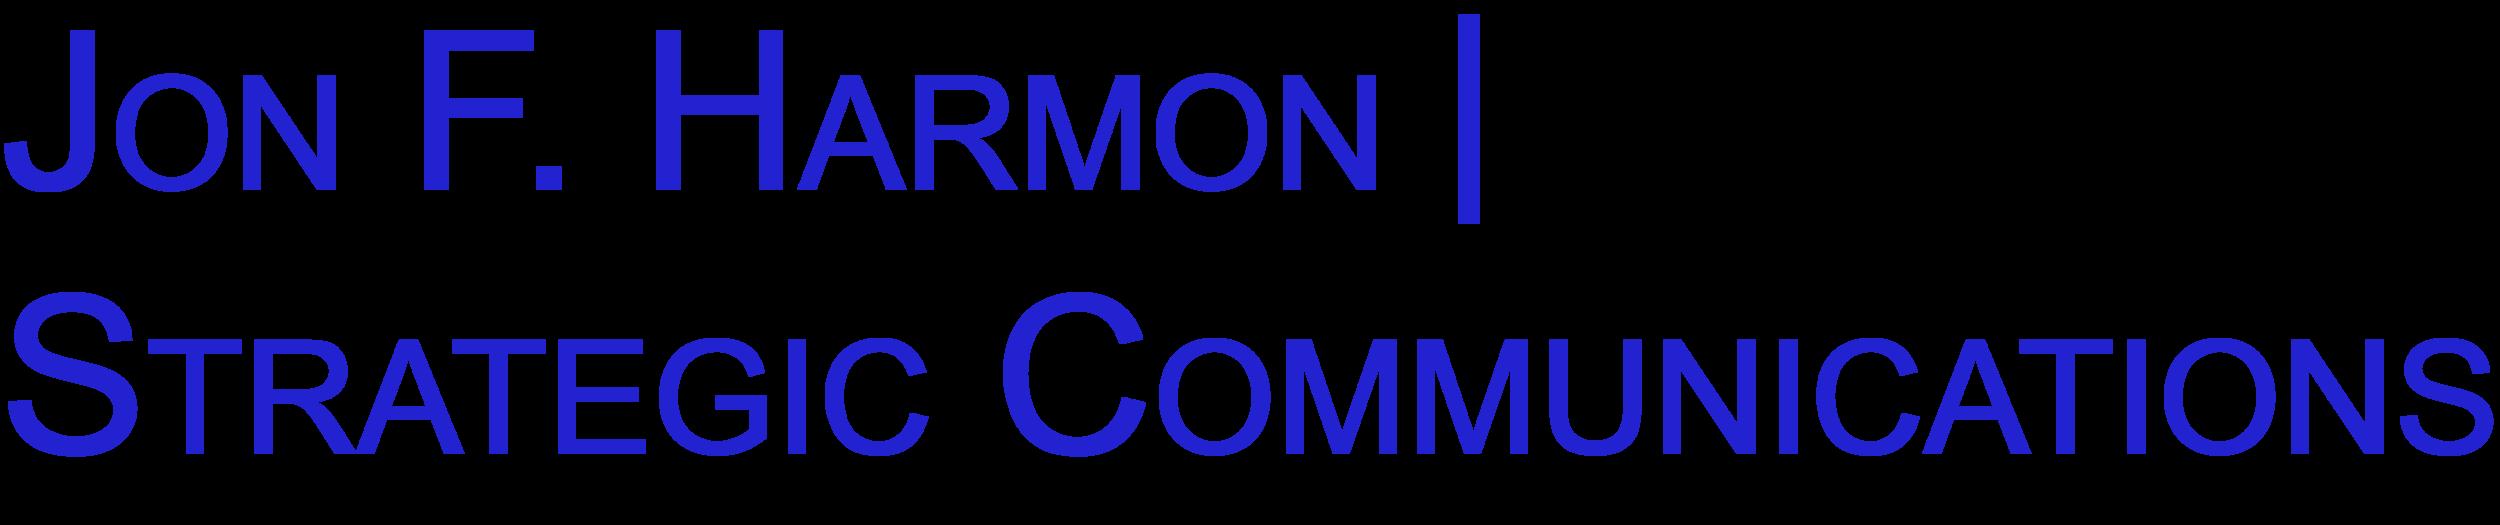 JonFHarmon Strat Comms logo.png